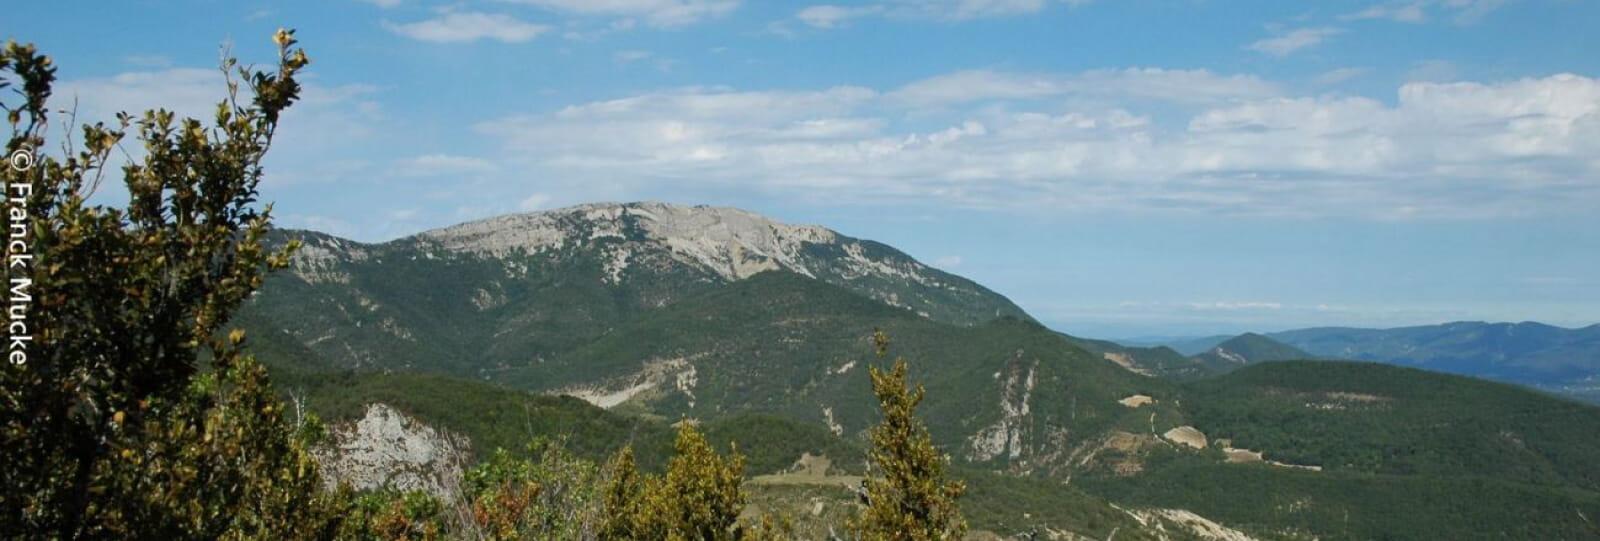 12 La montagne d'Autuche